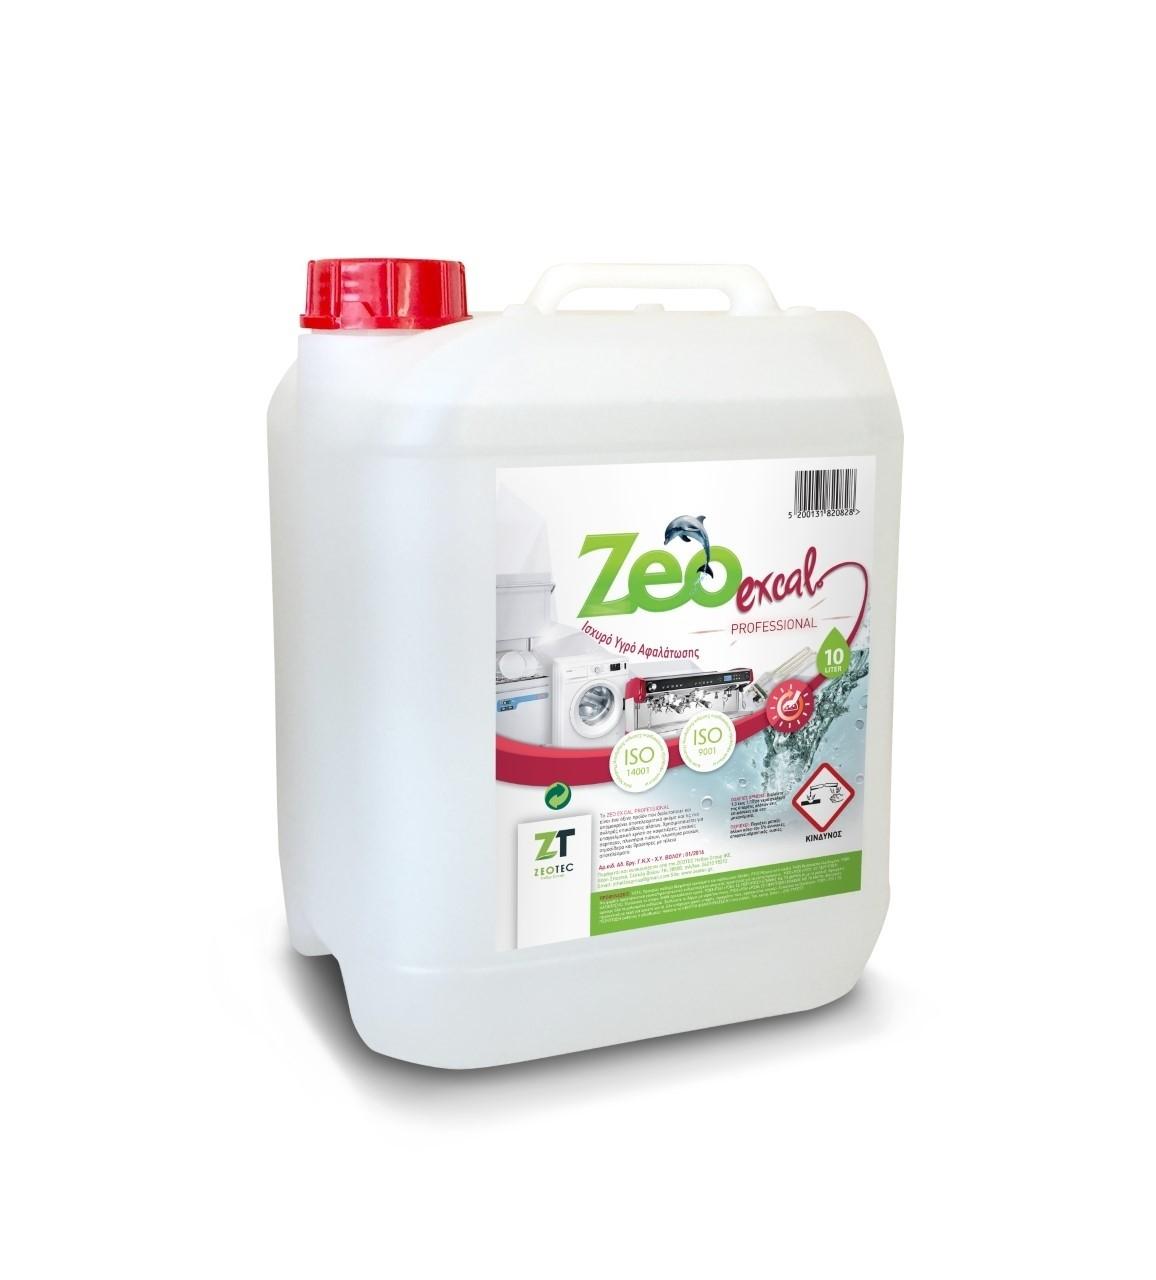 Zeo Ex-cal - Όξινο καθαριστικό κατά των αλάτων για συσκευές 10lt